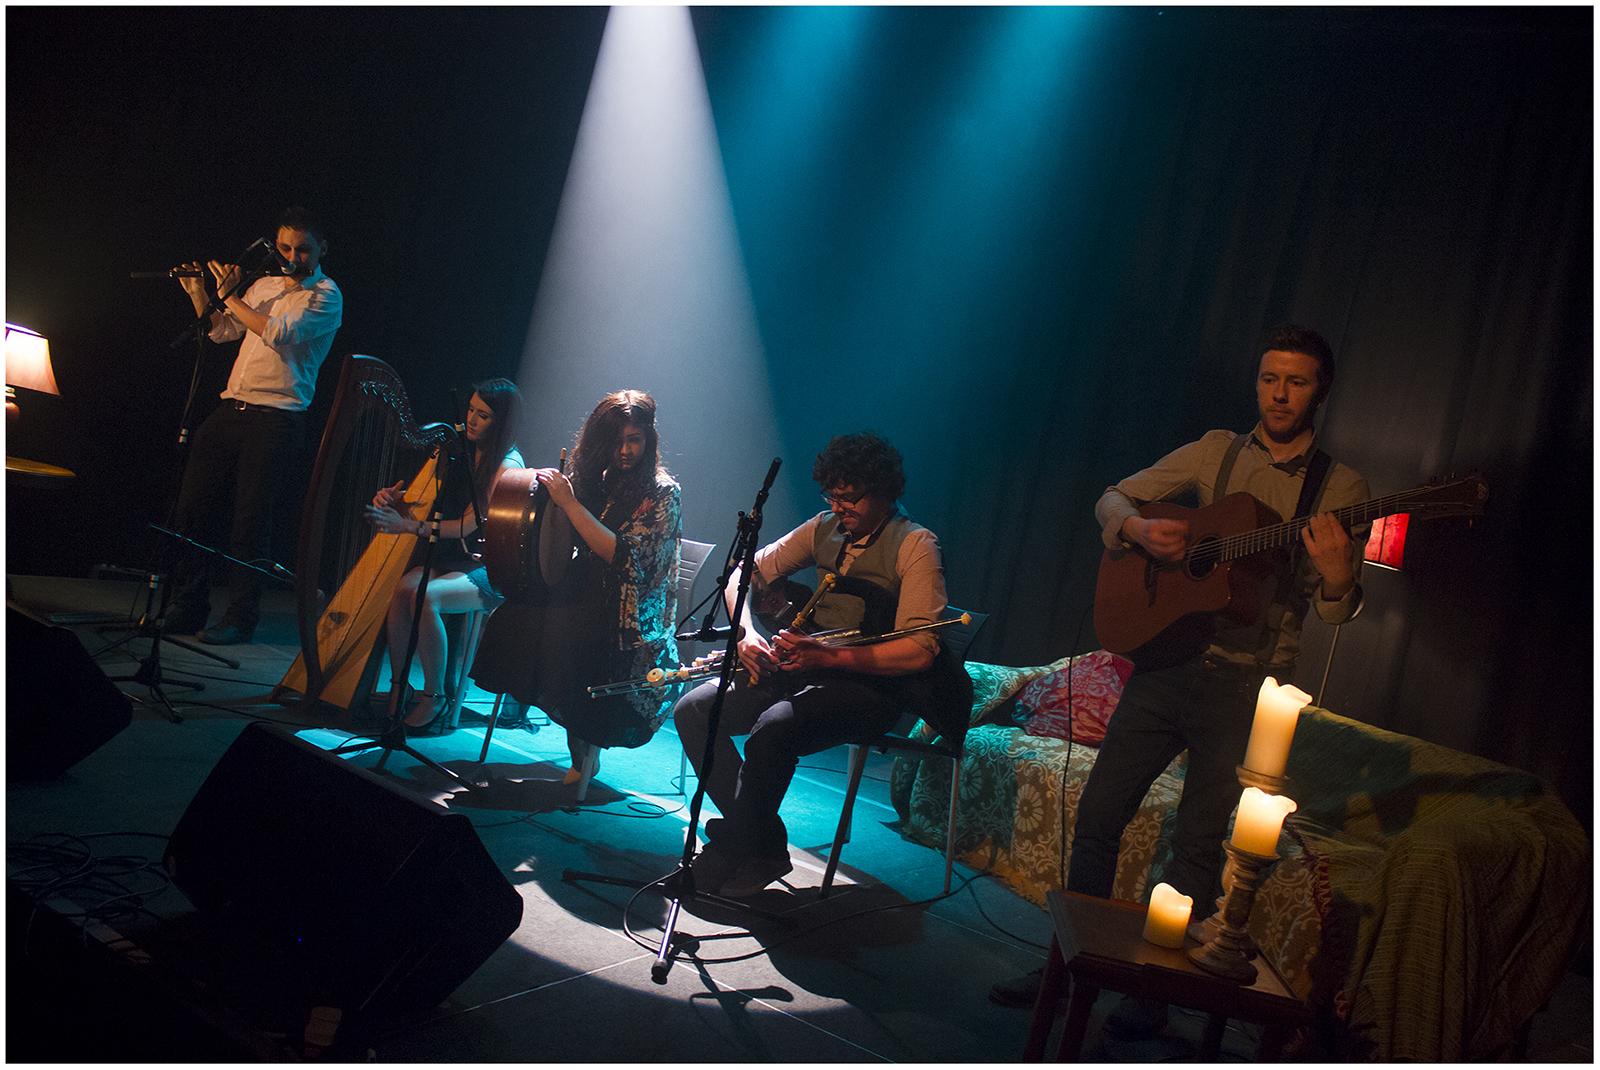 Connla - Copenhagen Irish Festival 2016